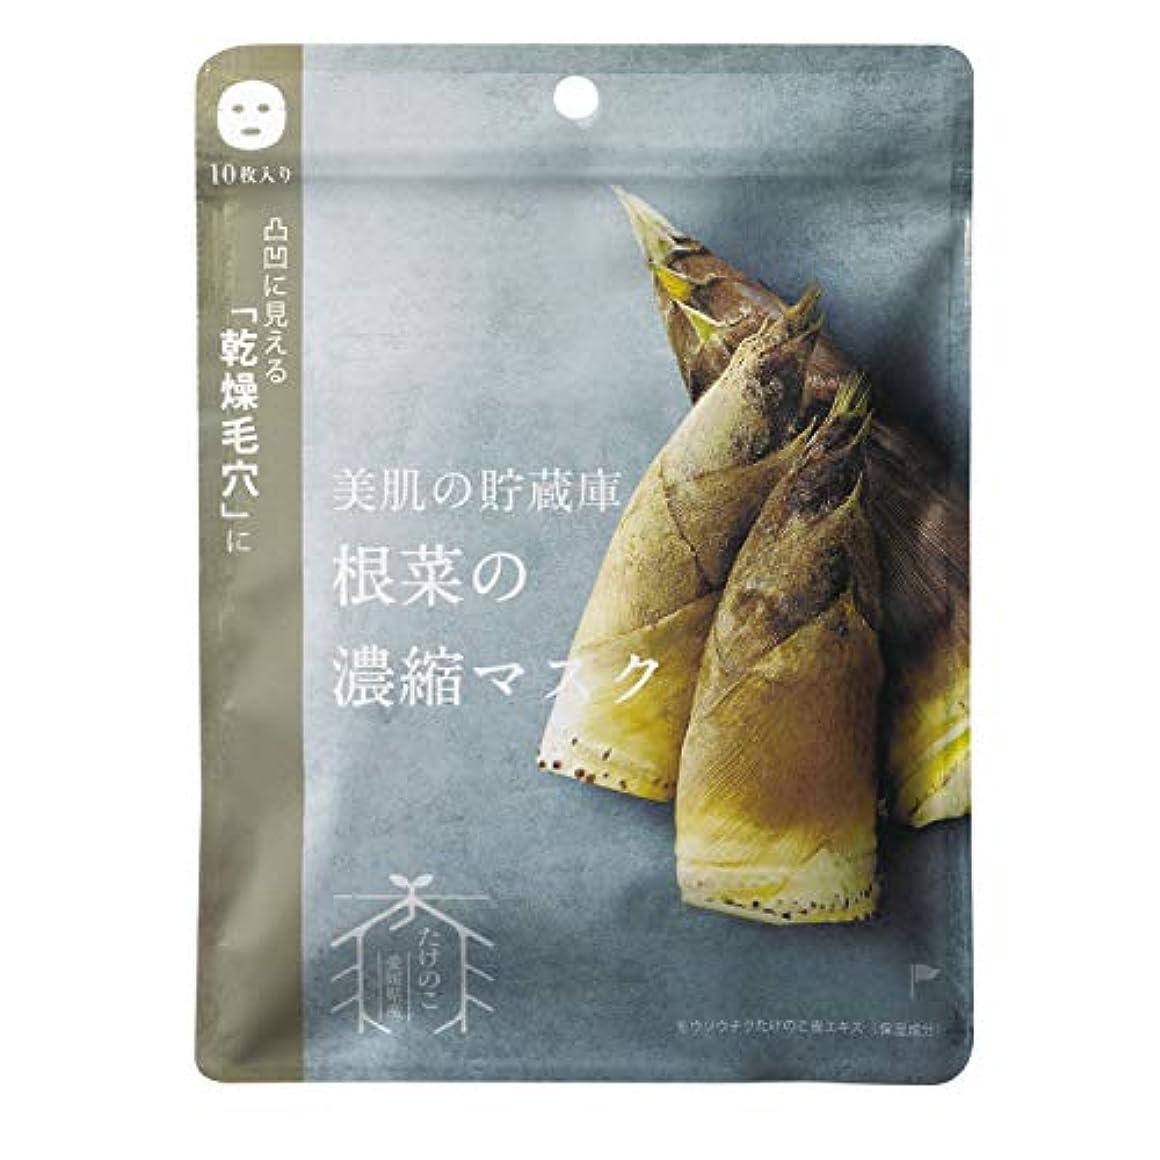 団結する出発改革@cosme nippon 美肌の貯蔵庫 根菜の濃縮マスク 孟宗竹たけのこ 10枚 160ml